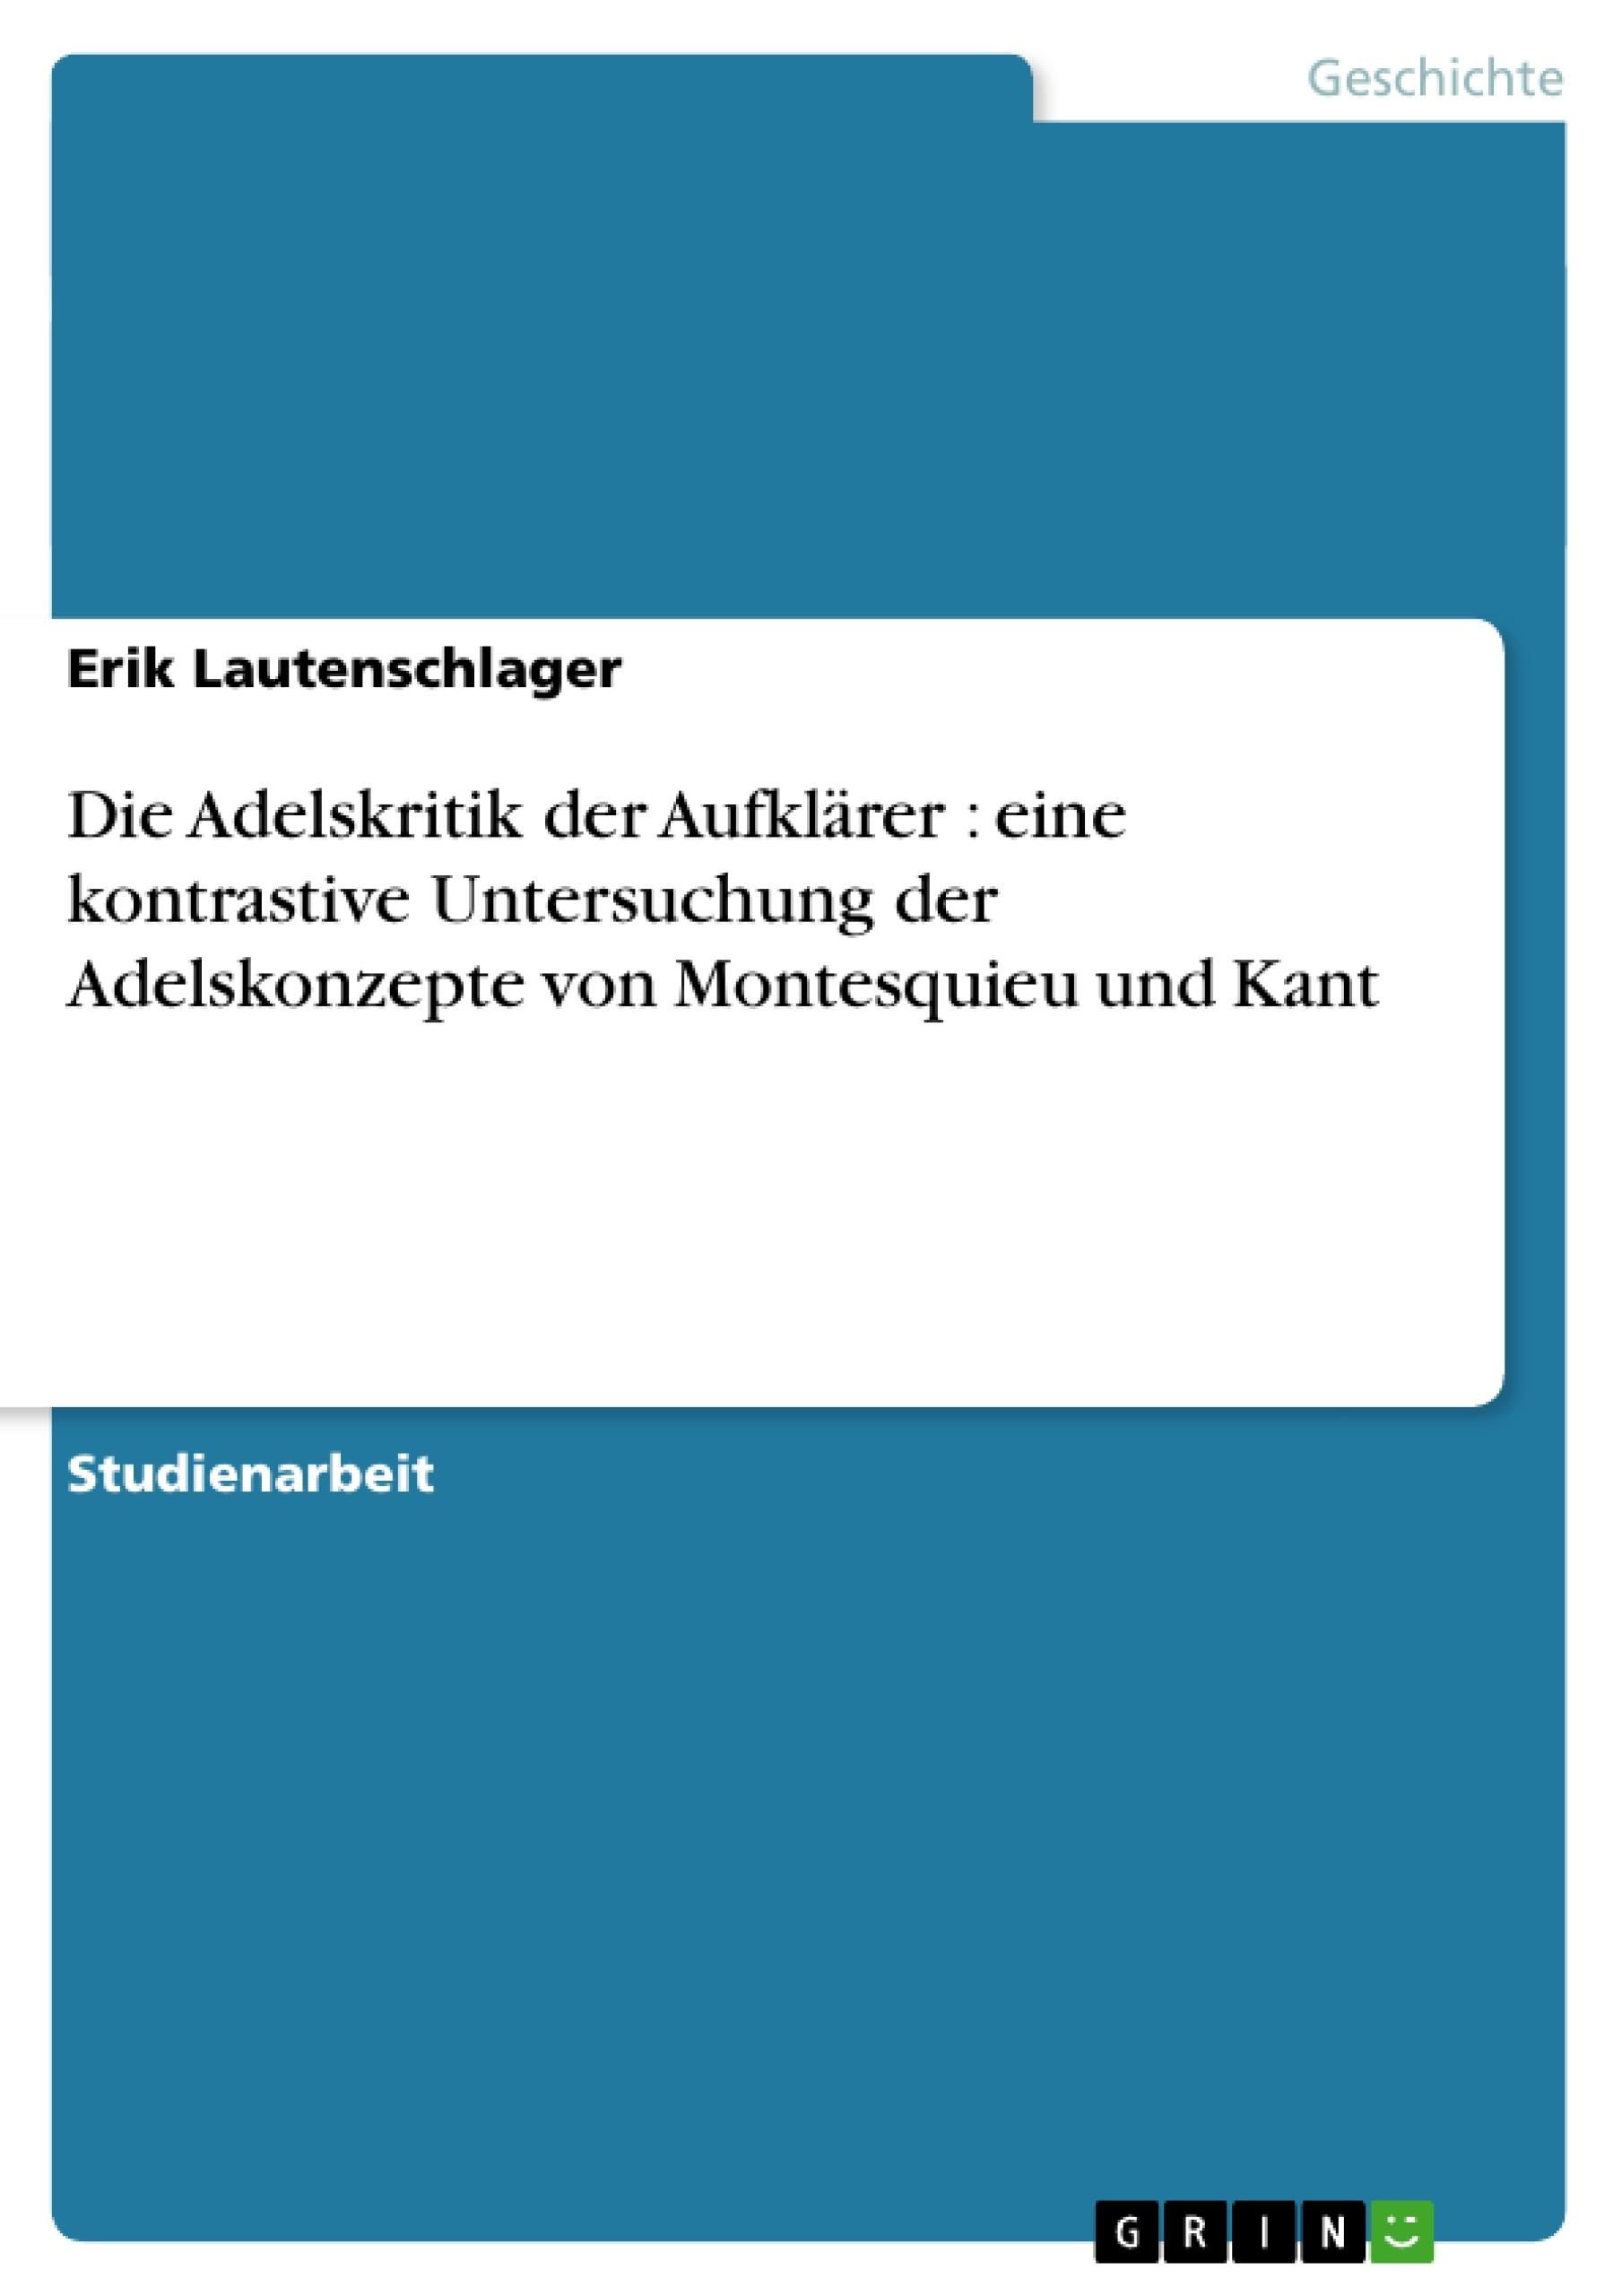 Titel: Die Adelskritik der Aufklärer : eine kontrastive Untersuchung der Adelskonzepte von Montesquieu und Kant